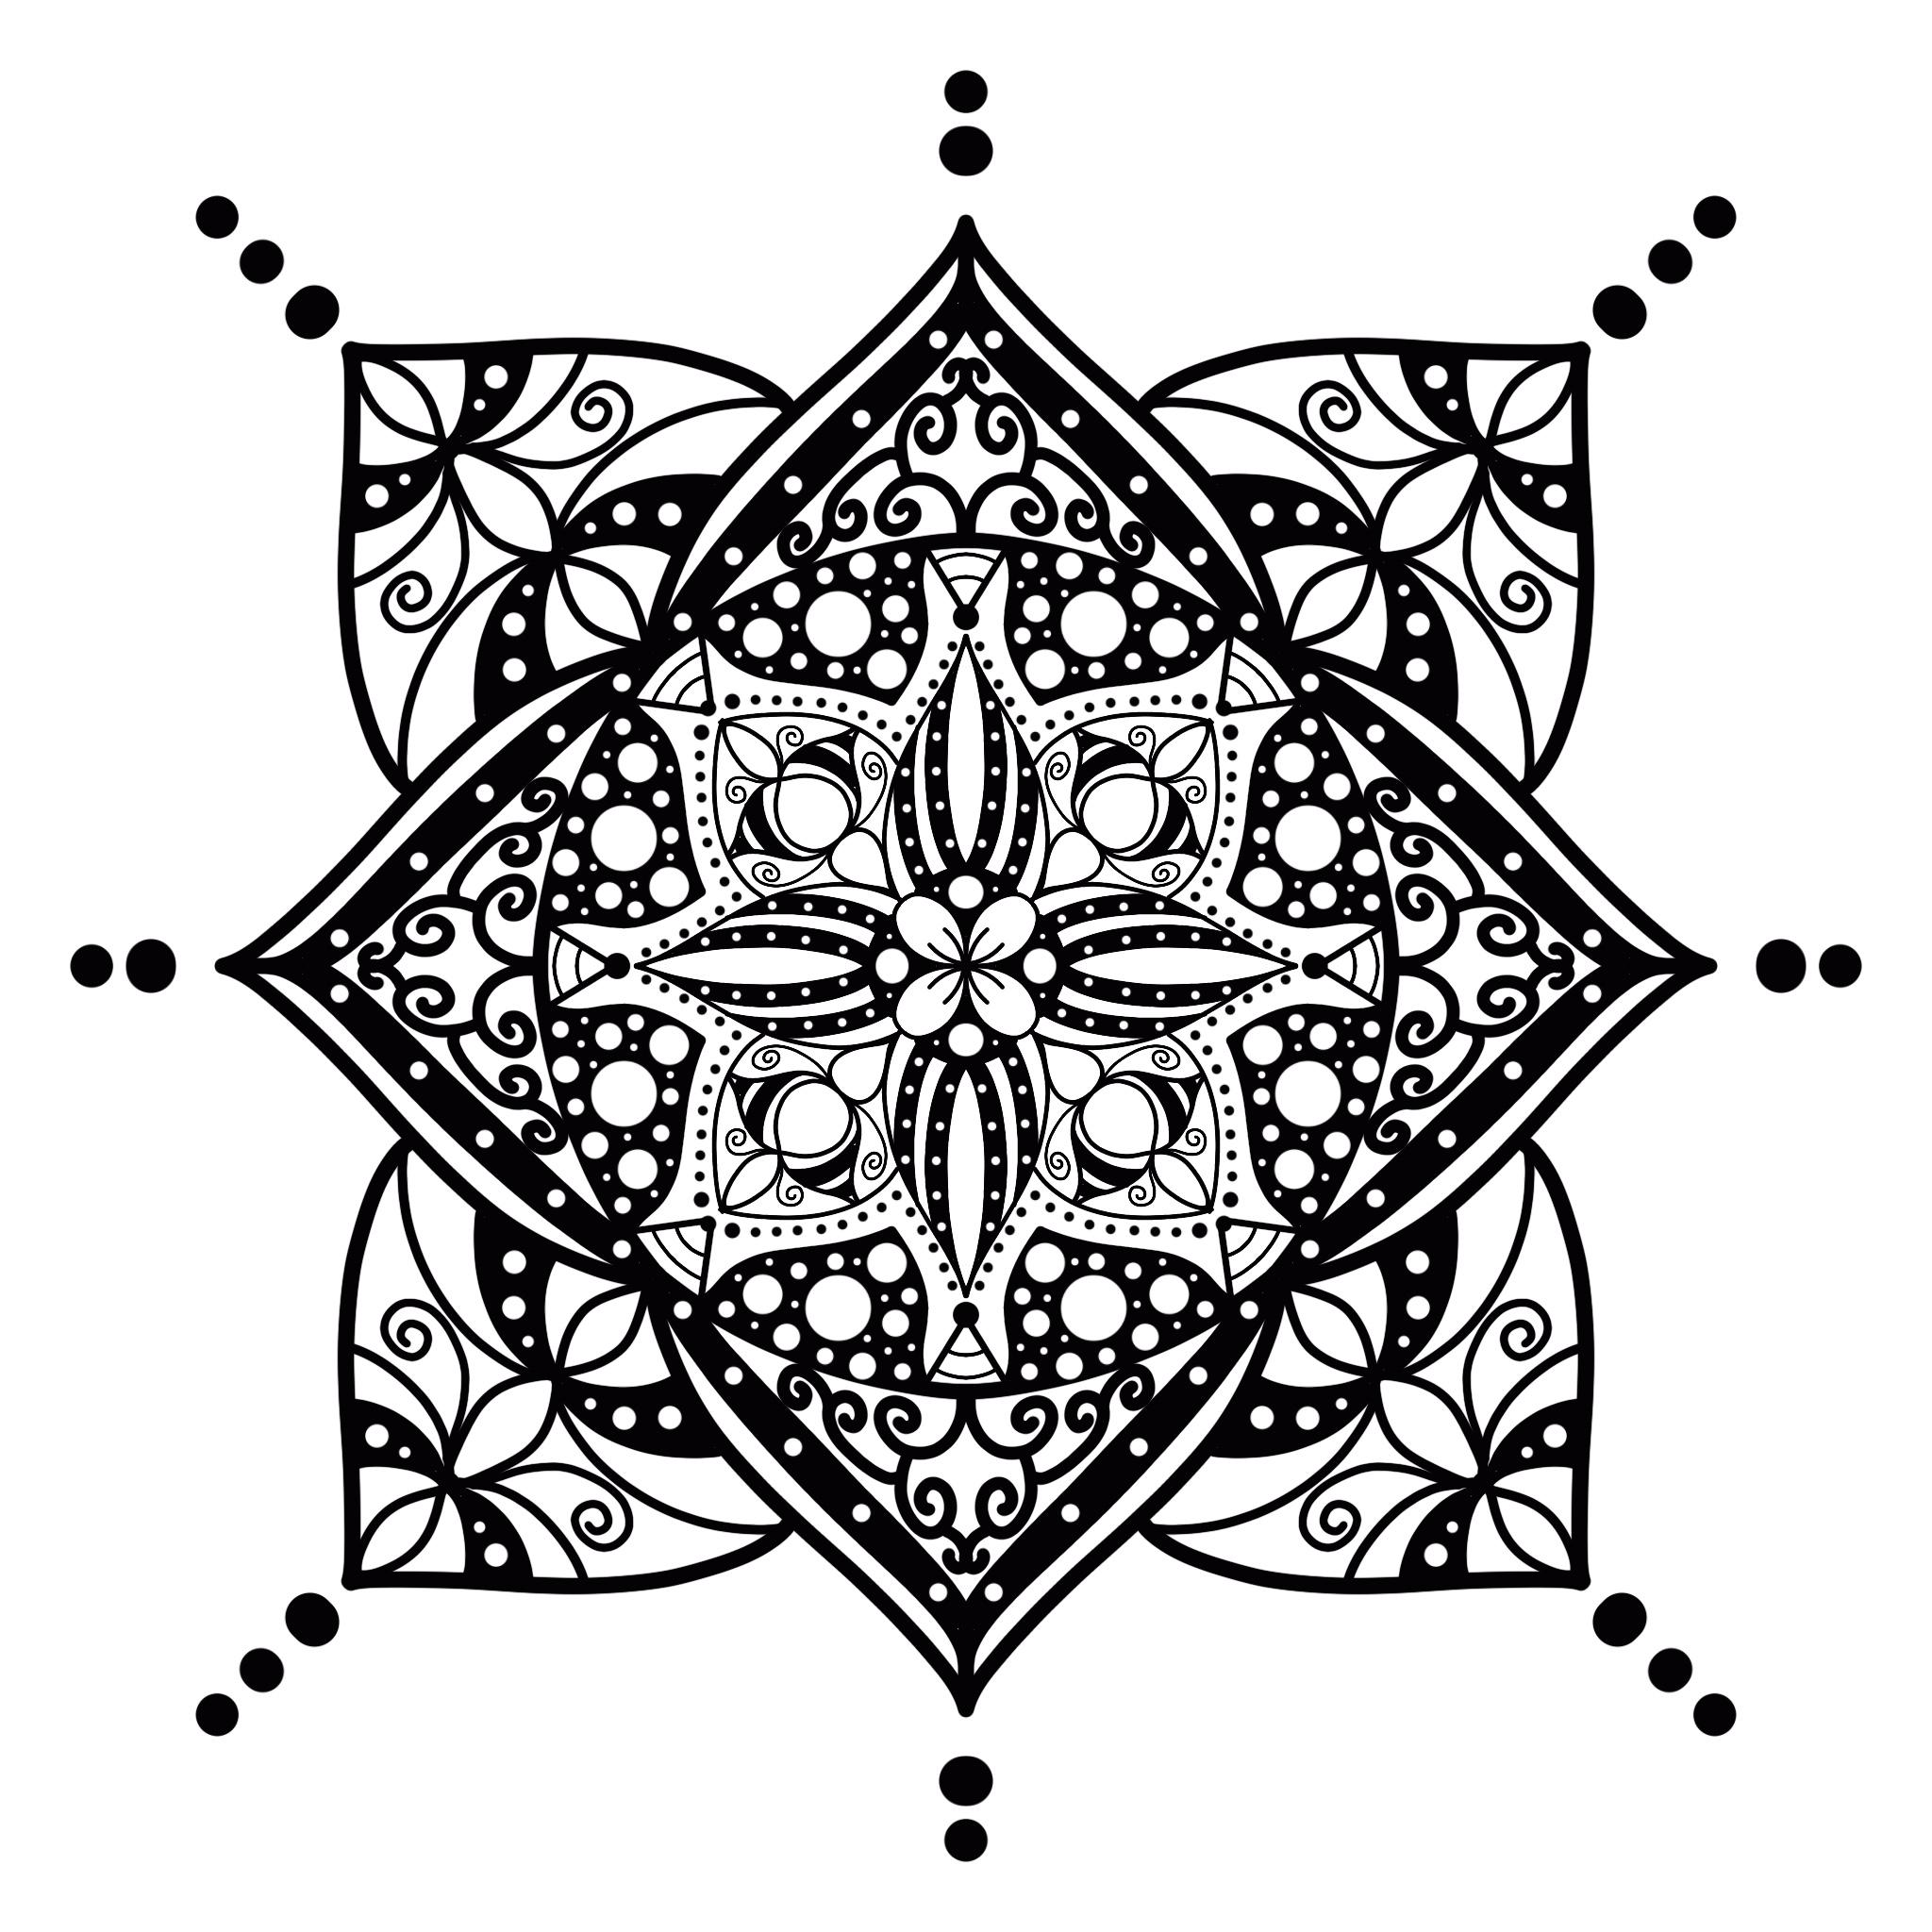 Mandala_81